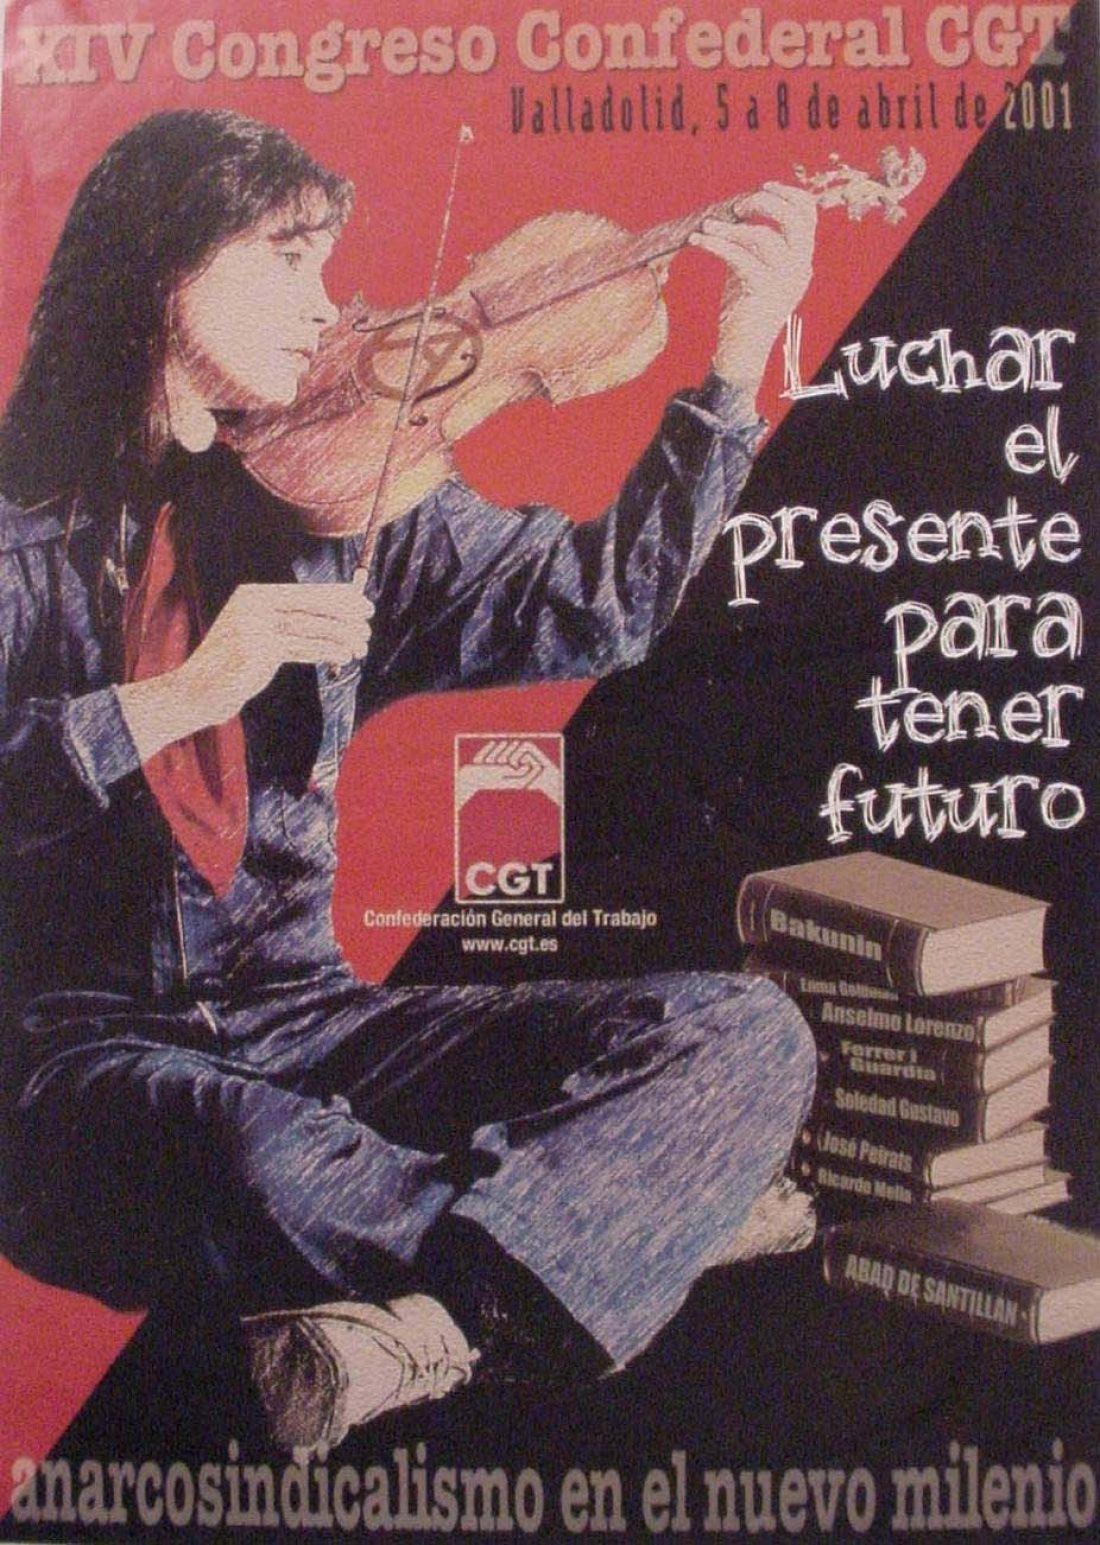 XIV Congreso Confederal Valladolid 2001